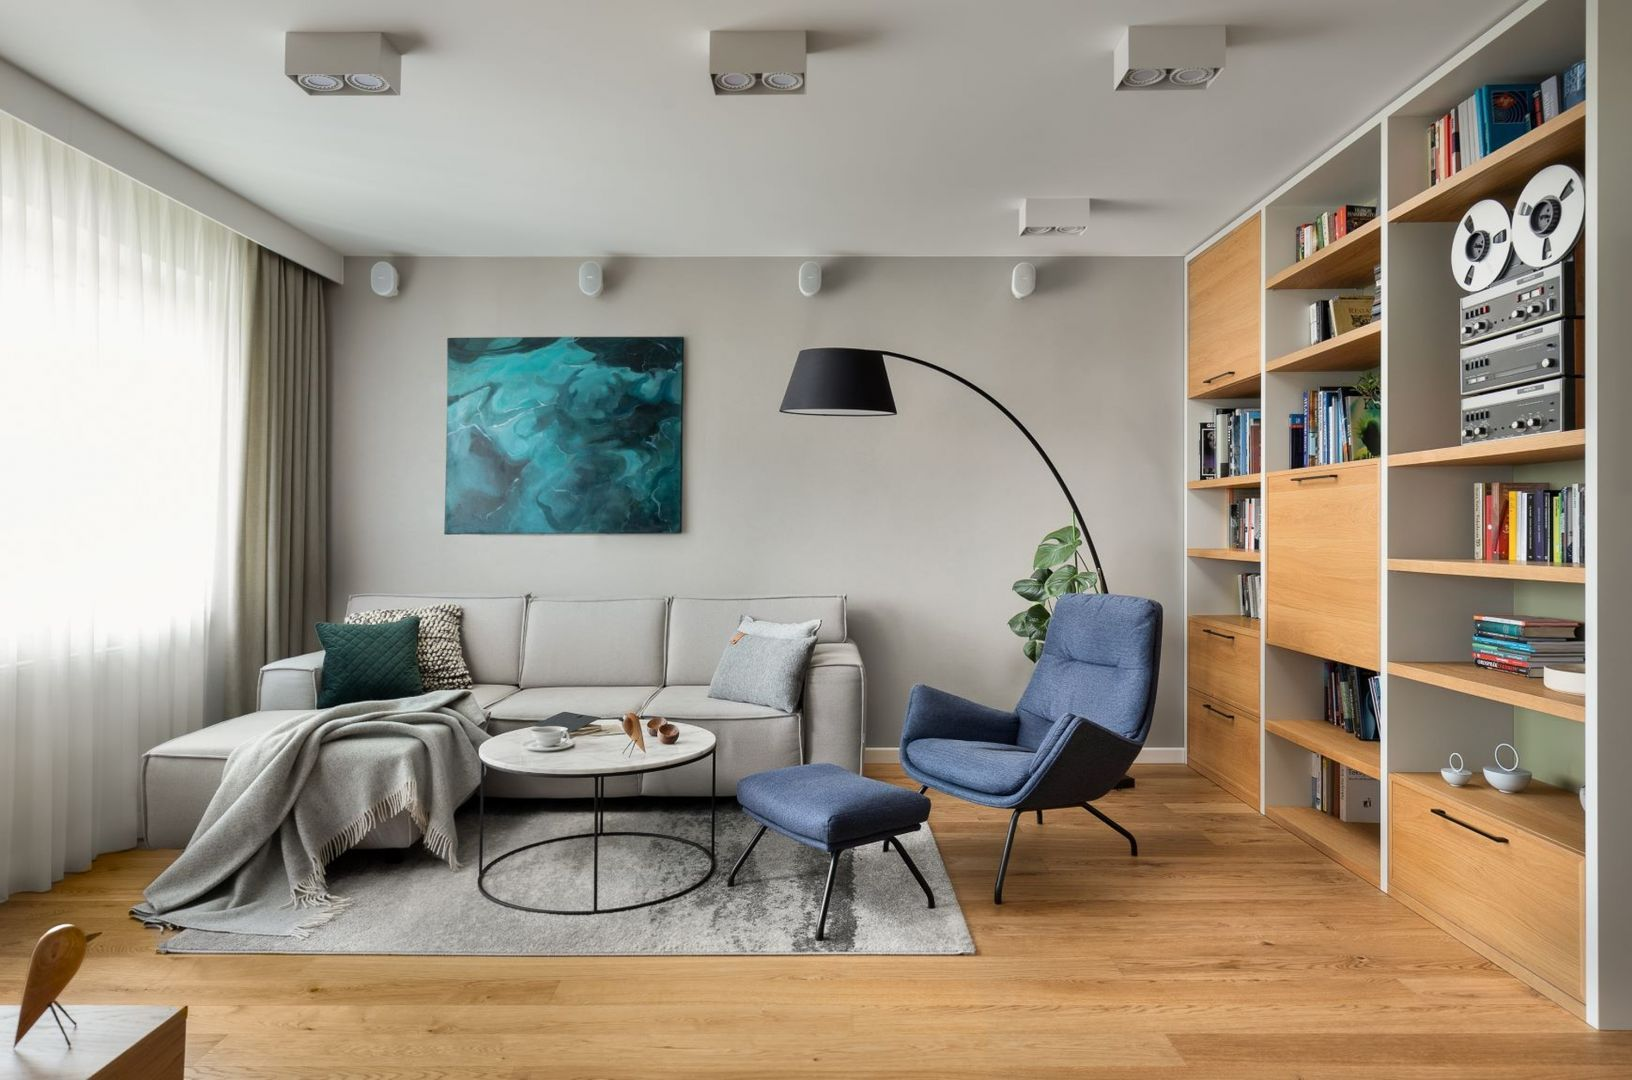 Najlepszy pomysł do salonu to łączenie ciepłych i chłodnych kolorów. Projekt: Ilona Paleńczuk z zespołem IP Design. Fot. Mikołaj Dąbrowski